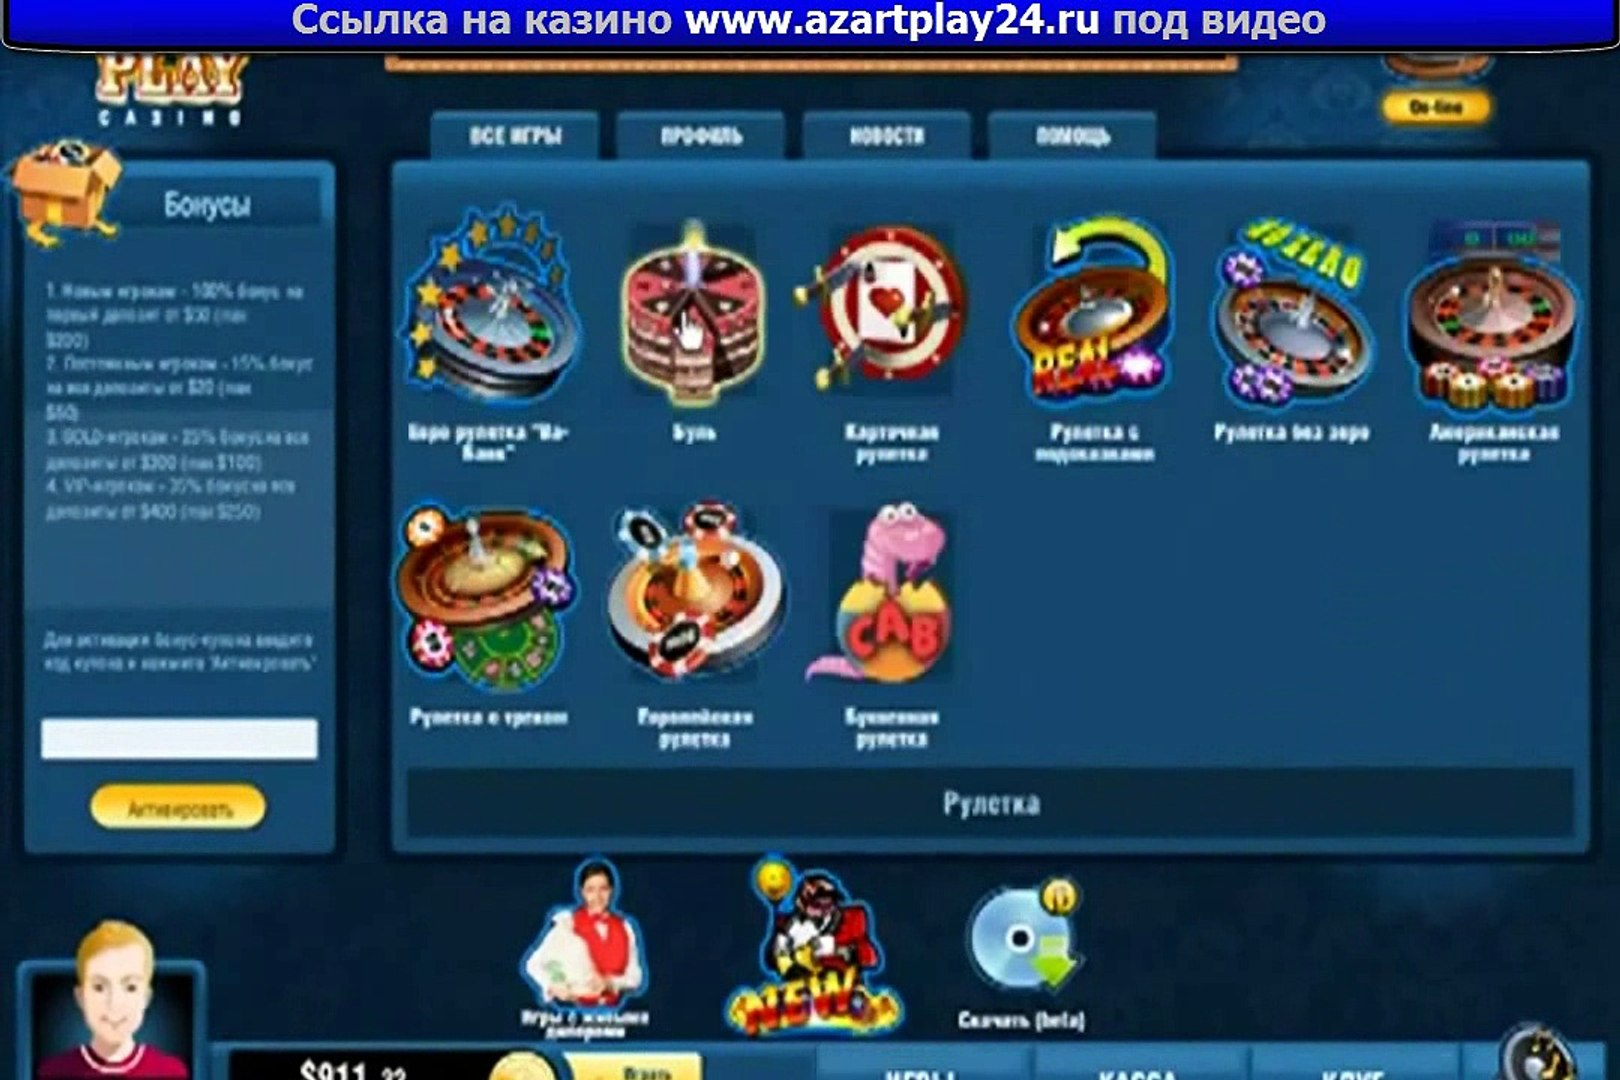 Партнерка казино азарт плей duck game игровые автоматы